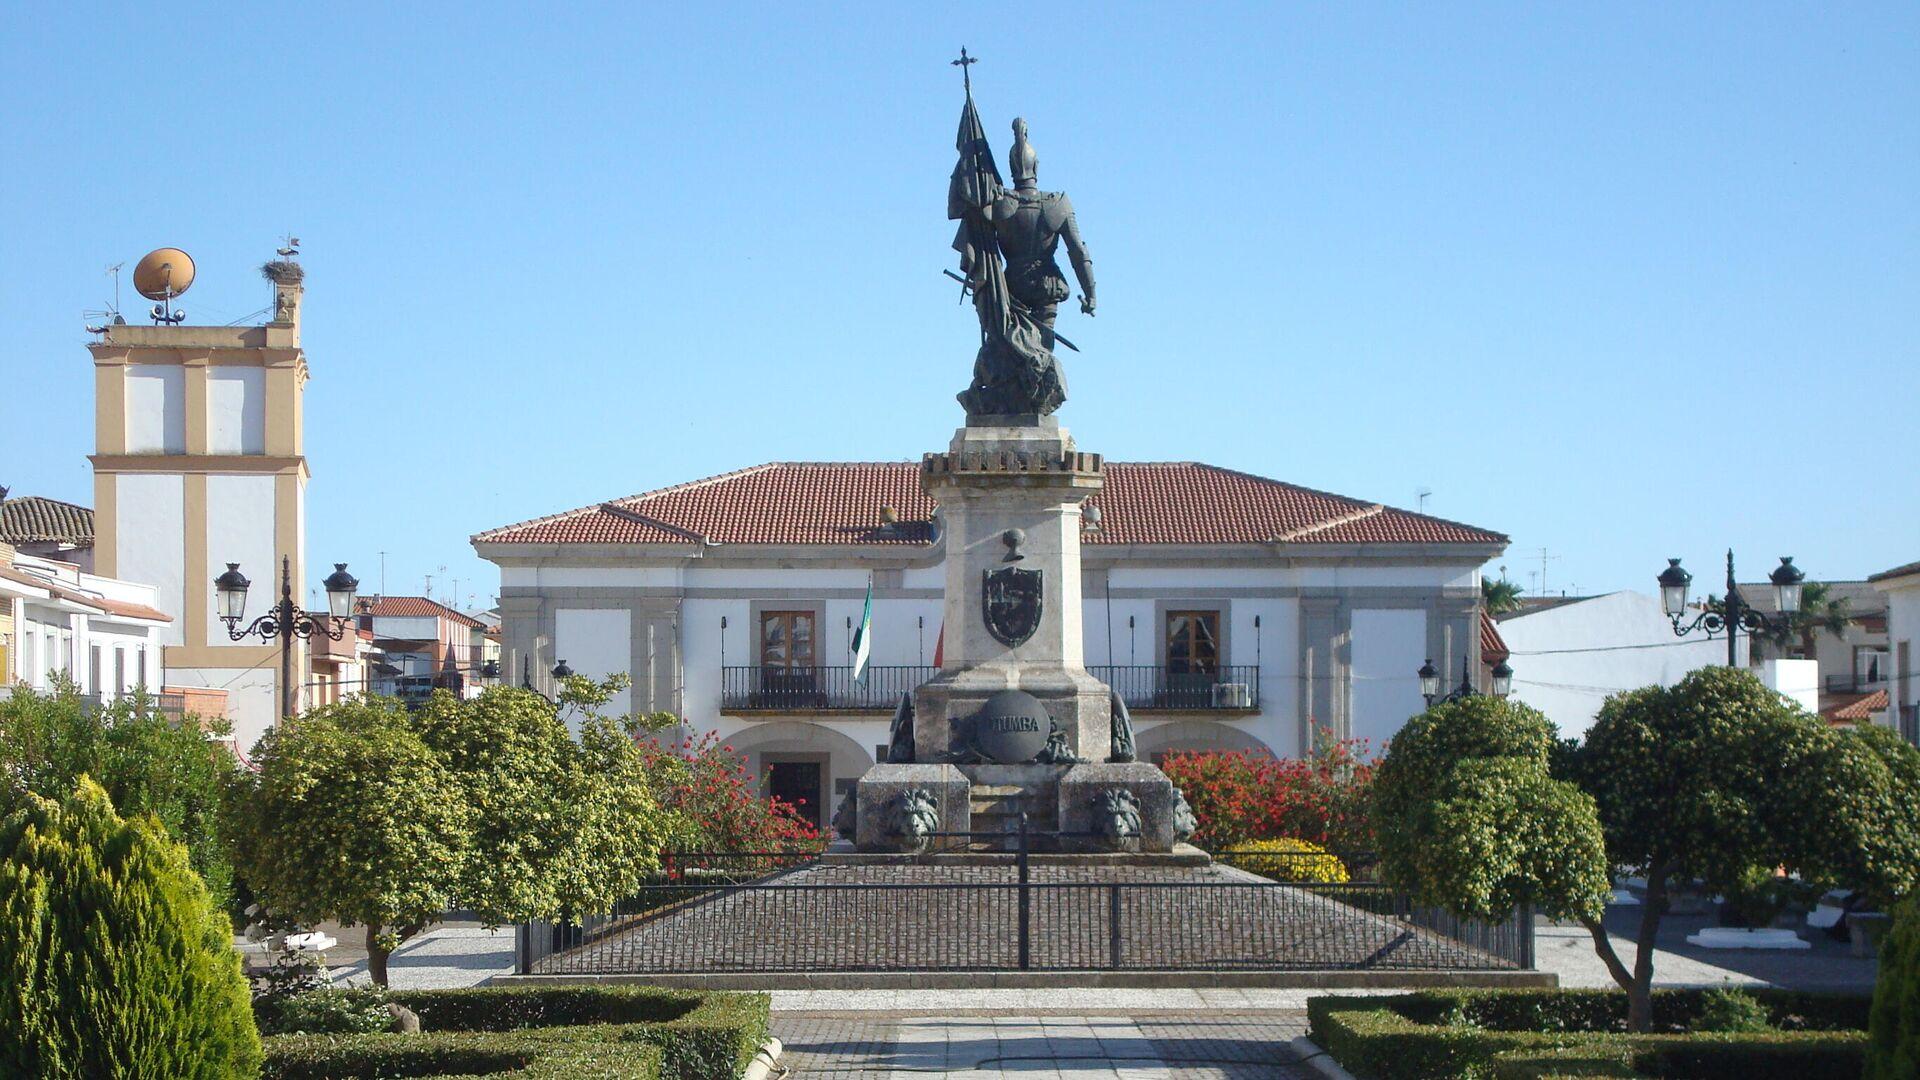 Monumento a Hernán Cortés en Medellín (Badajoz) - Sputnik Mundo, 1920, 13.10.2021